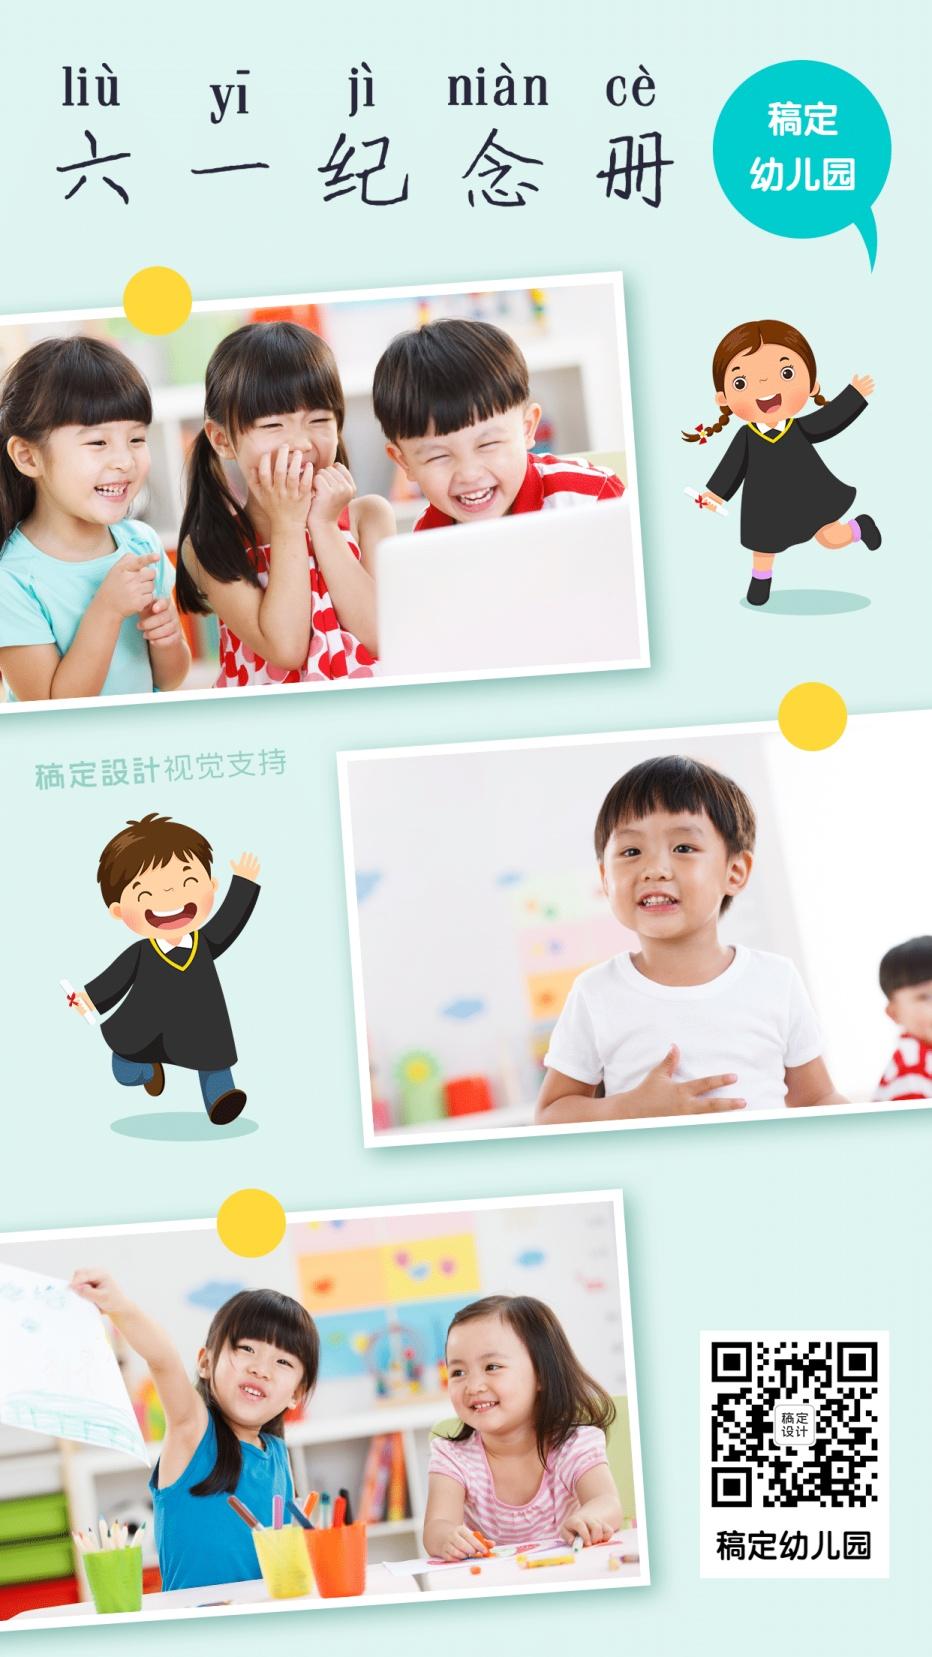 暑假招生儿童活动晒图相册模板